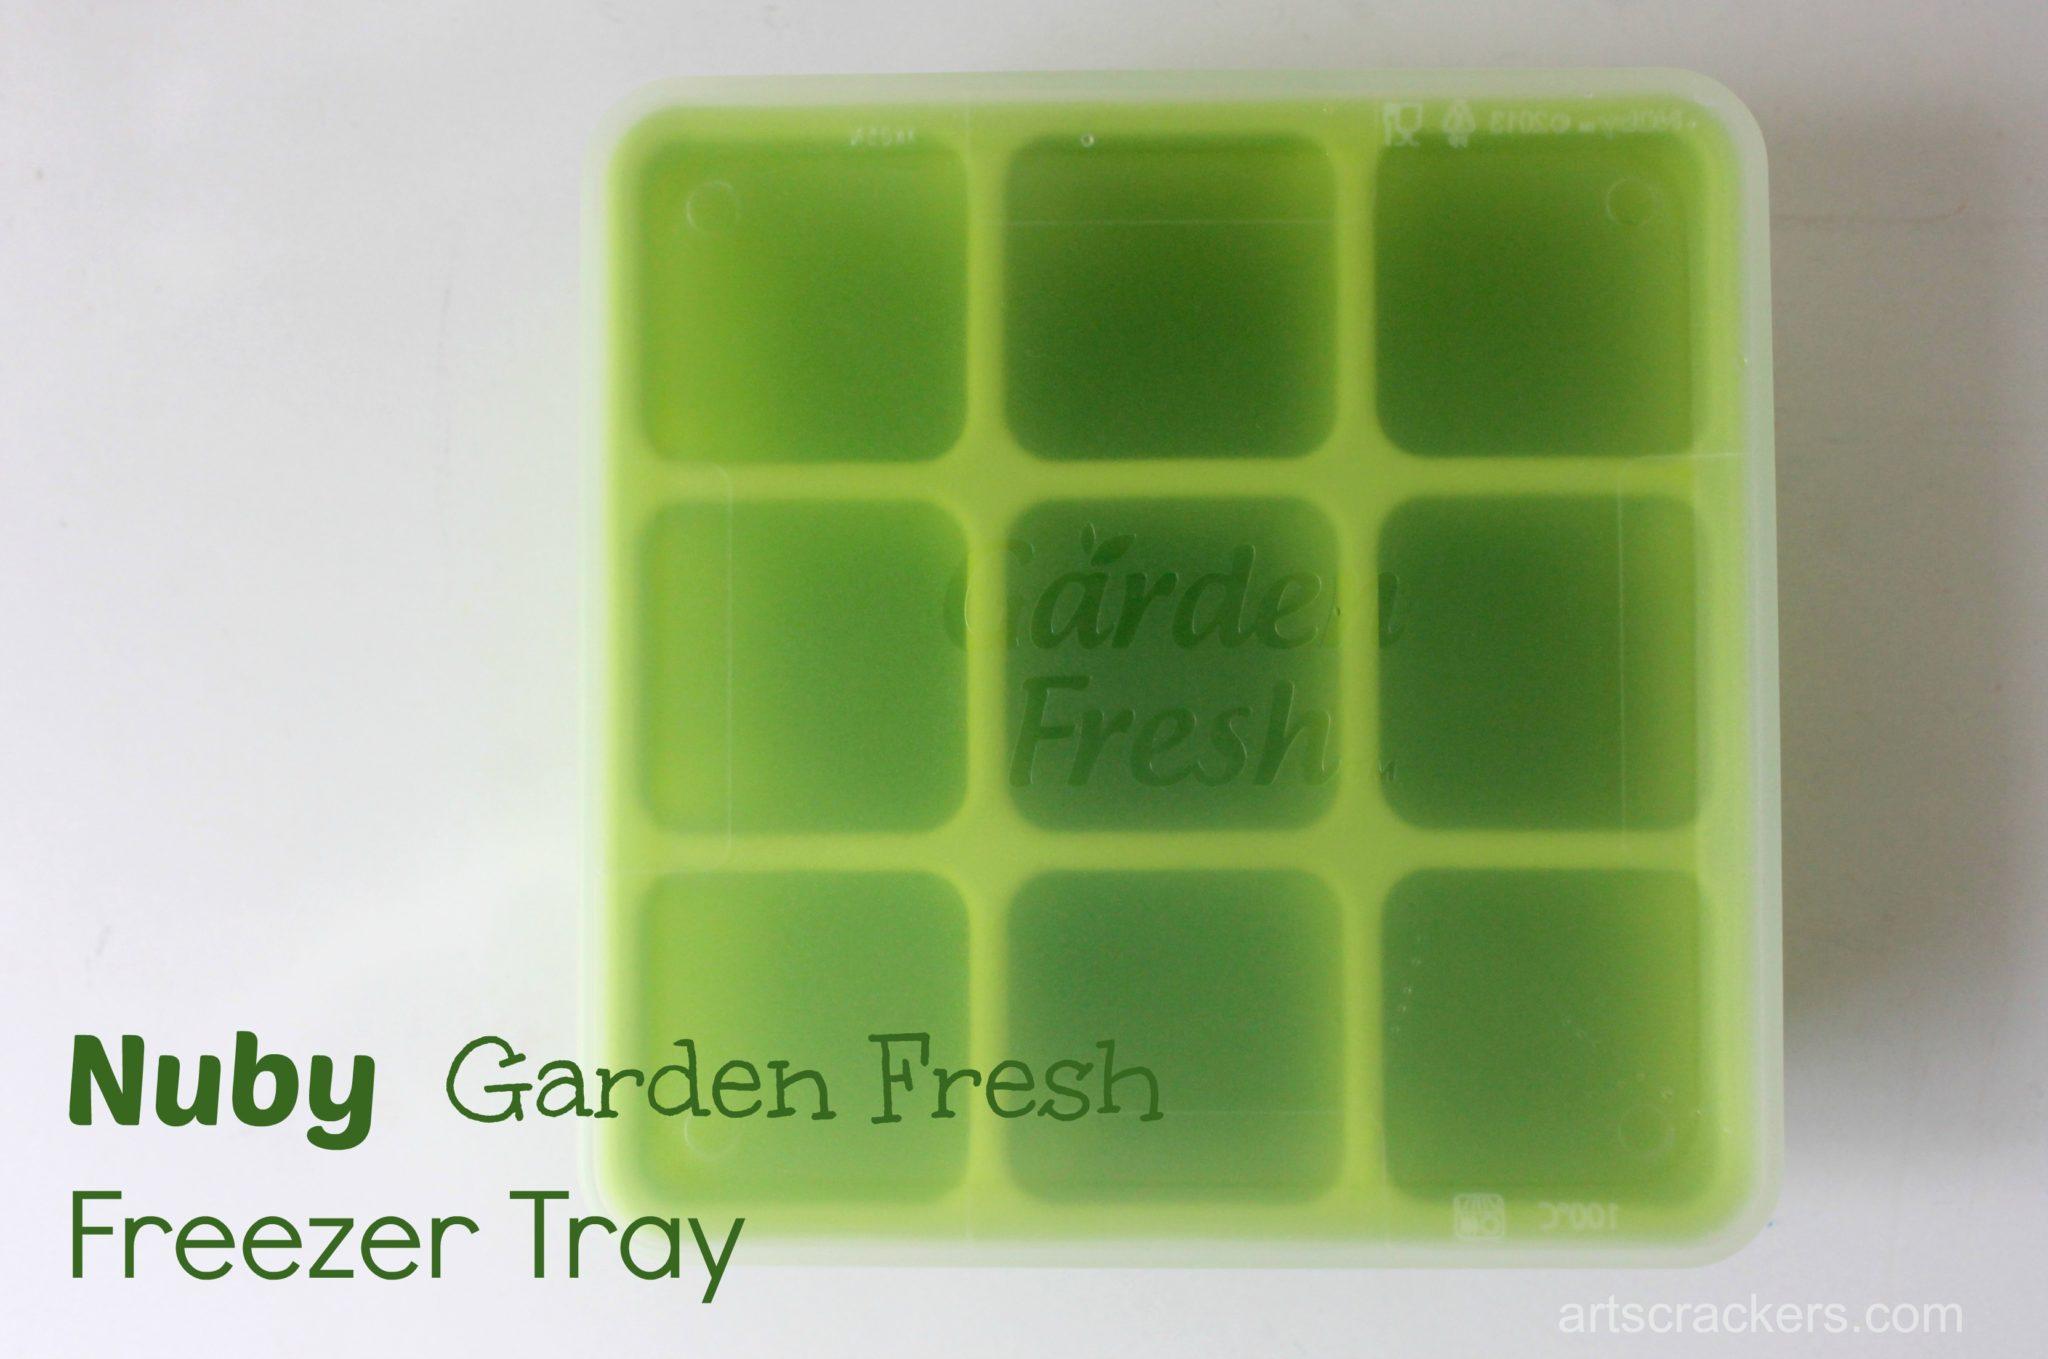 Nuby Garden Fresh Freezer Tray Review